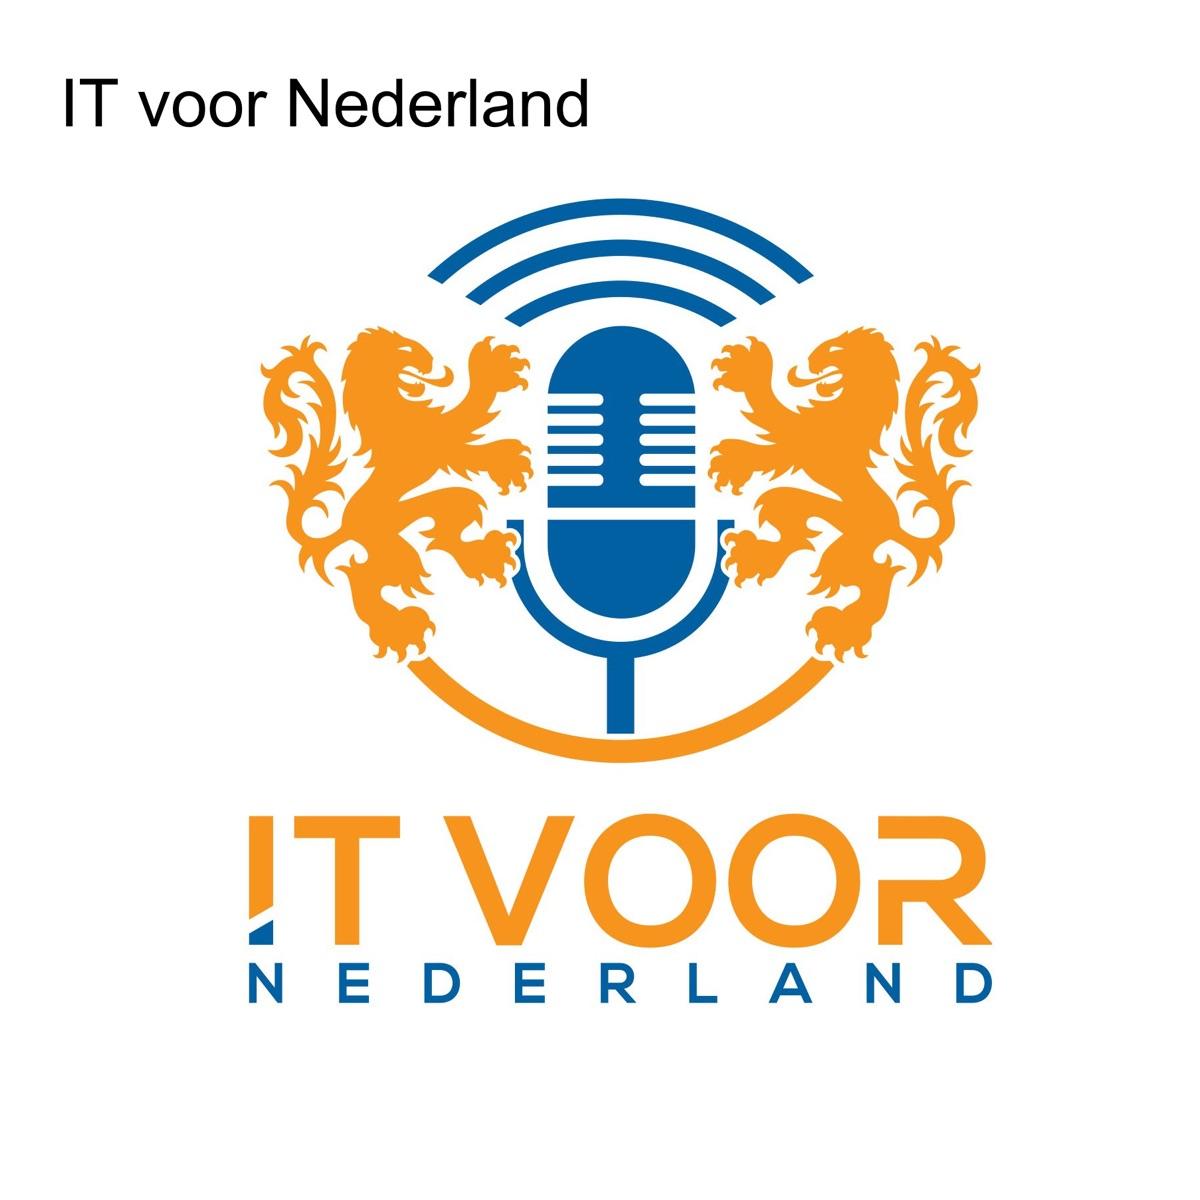 IT voor Nederland